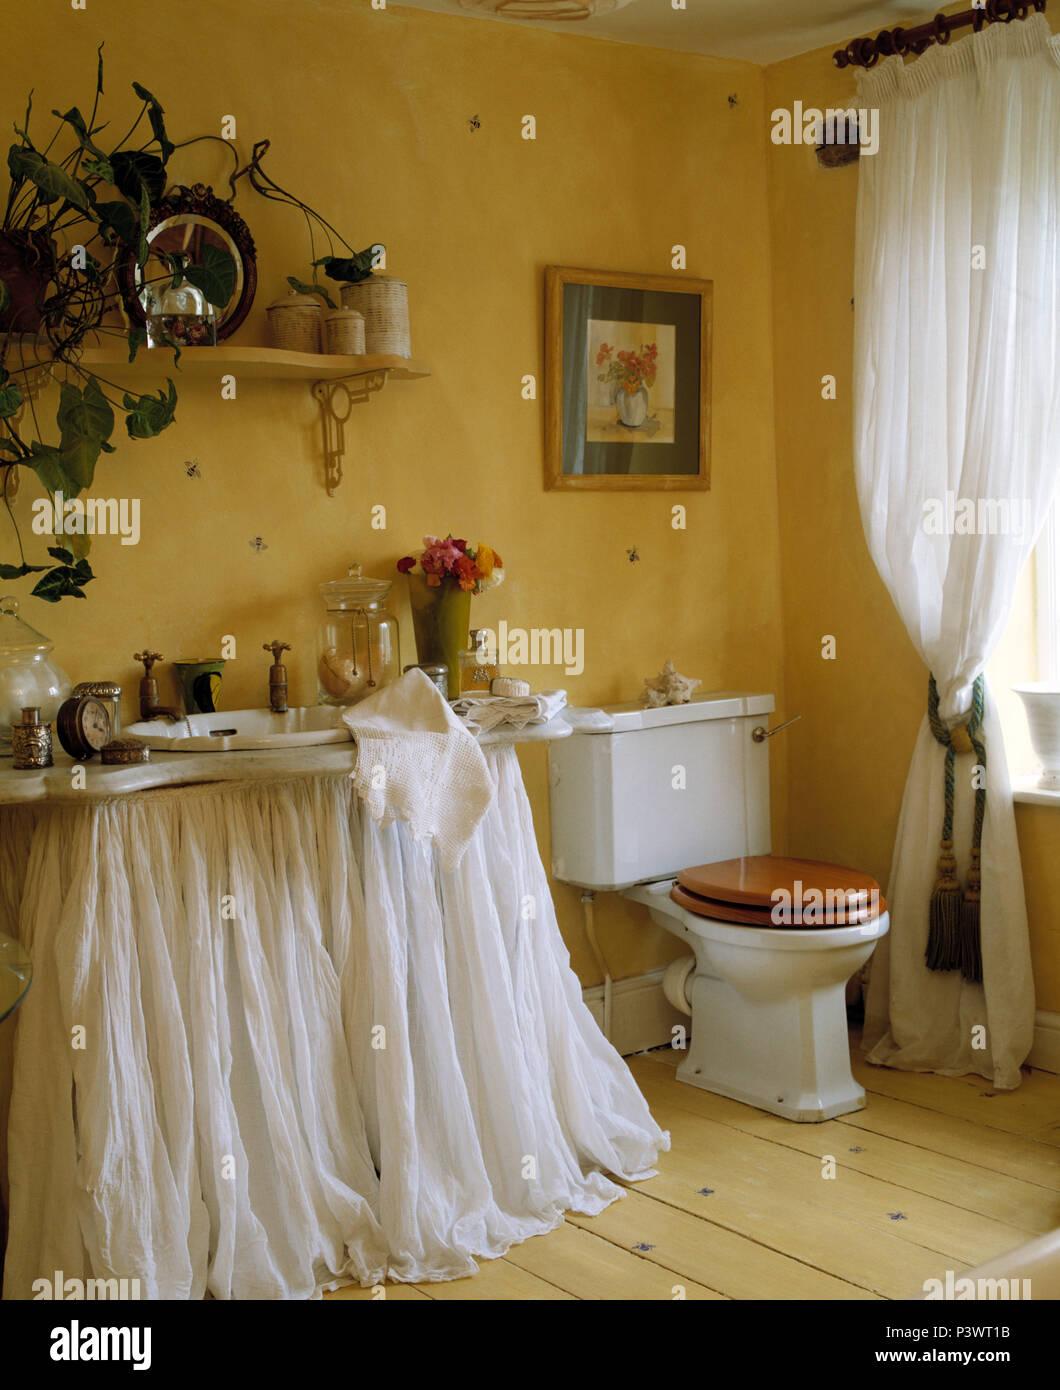 Rideaux de mousseline blanche belo bassin en blanc jaune salle de ...